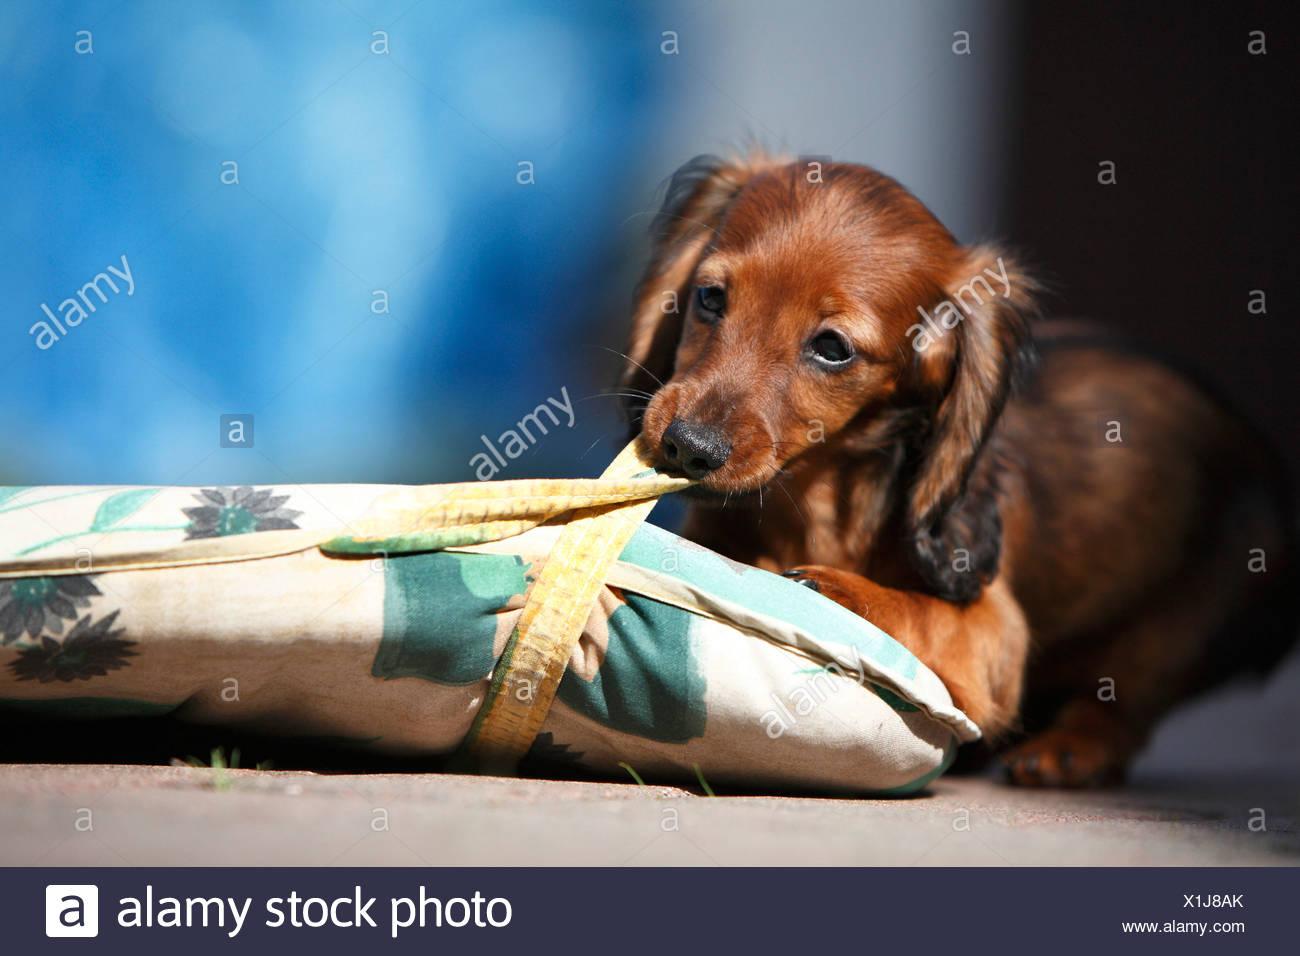 Wire Haired Dachshund Puppy Stock Photos & Wire Haired Dachshund ...